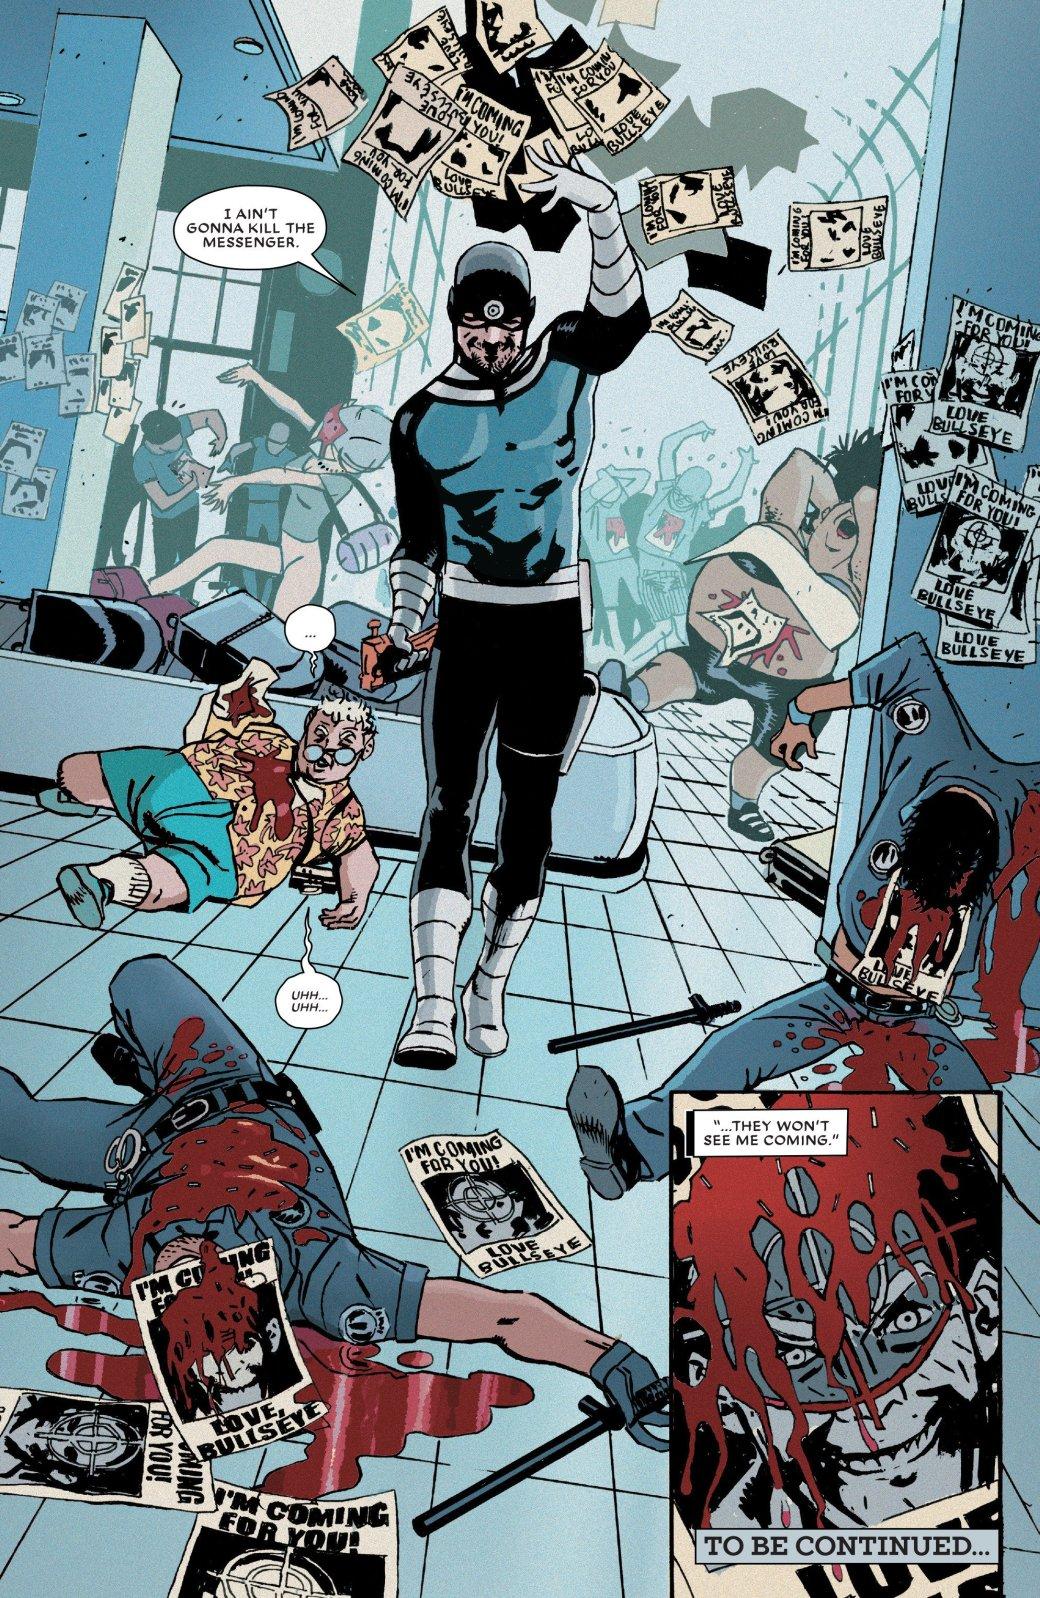 Издательство Marvel выпустило новый комикс про наемника Меченого | Канобу - Изображение 7907